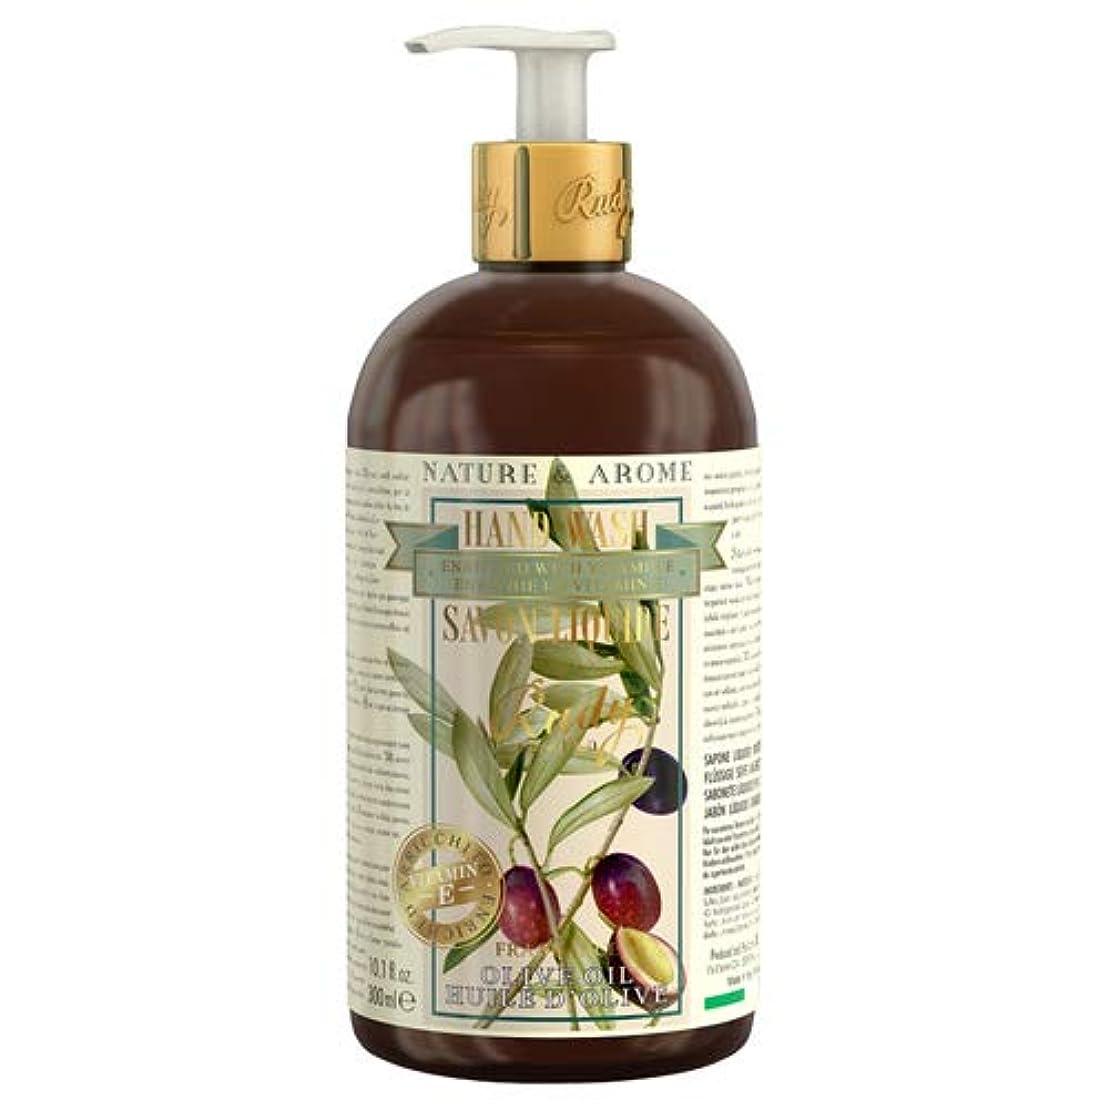 累積注入自然公園ルディ(Rudy) RUDY Nature&Arome Apothecary ネイチャーアロマ アポセカリー Hand Wash ハンドウォッシュ(ボディソープ) Olive Oil オリーブオイル